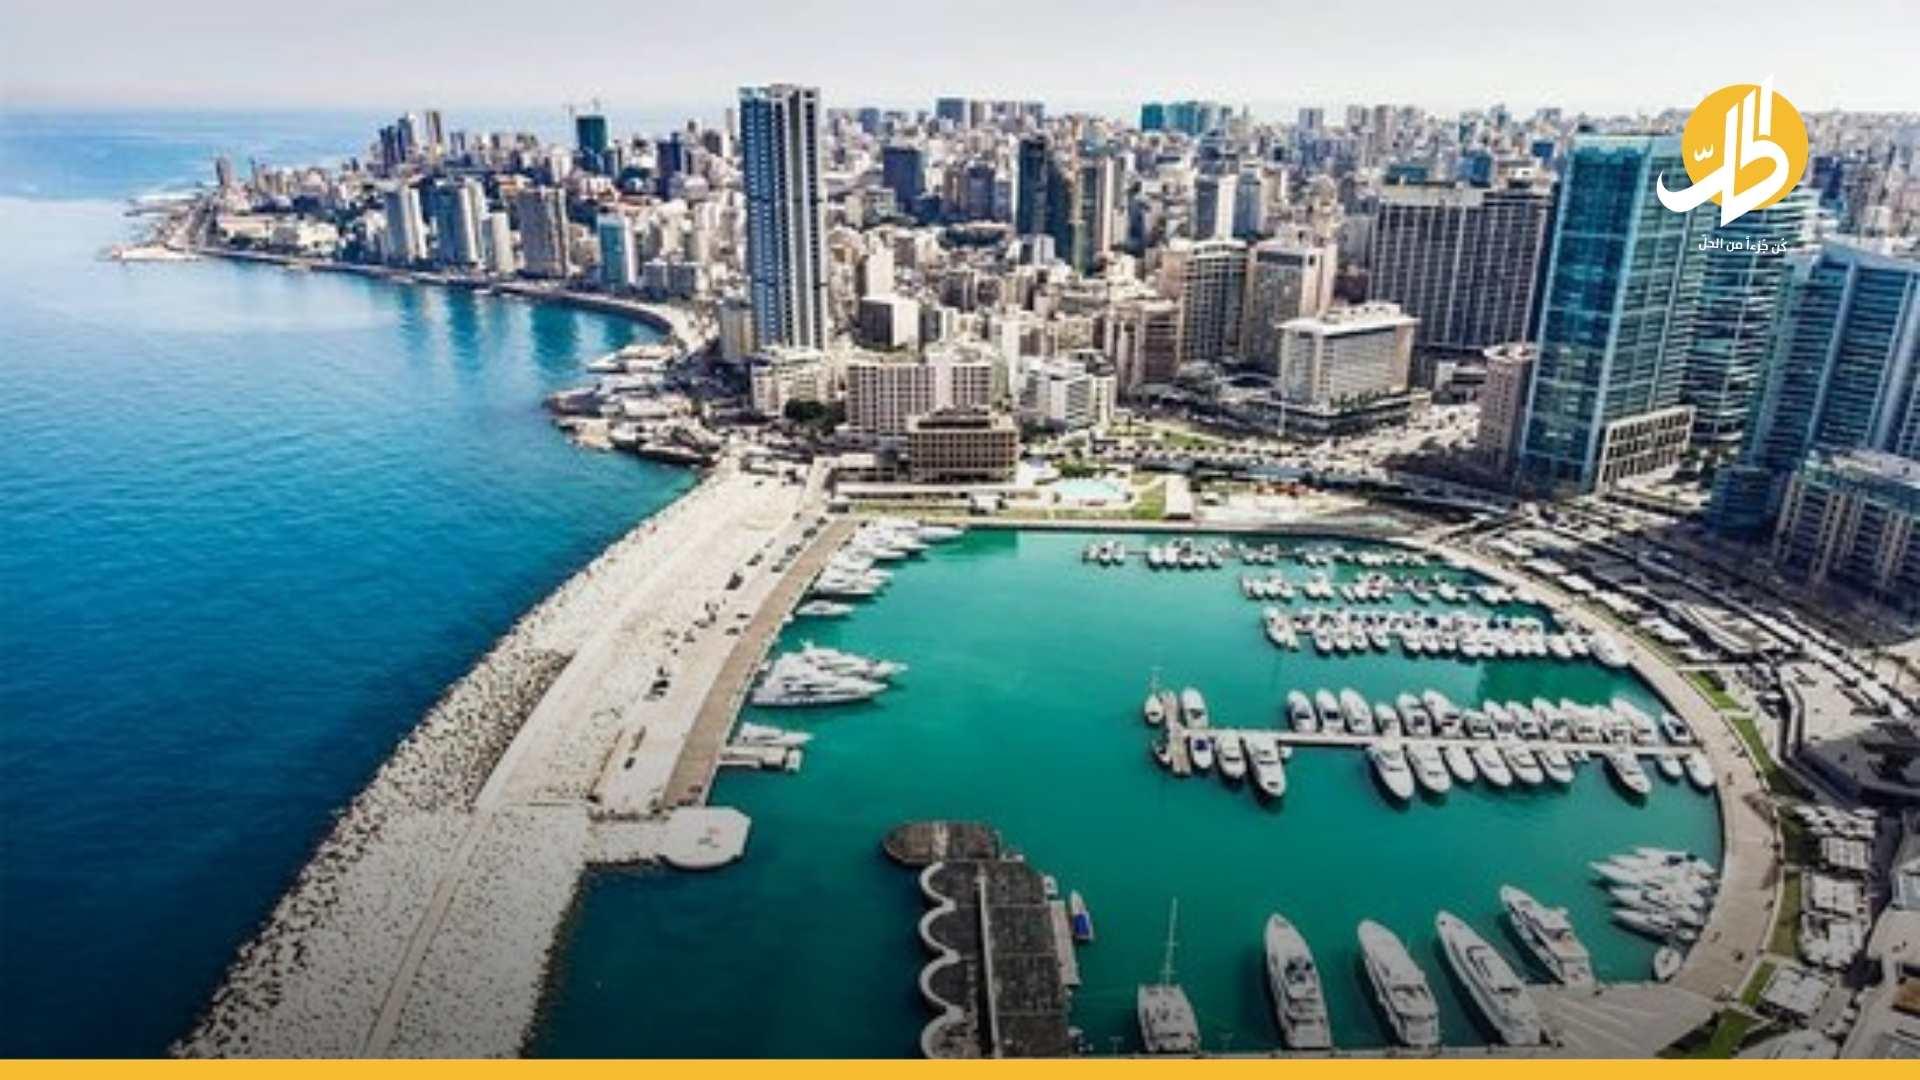 بيروت الأولى عربياً والثالثة عالمياً.. هذه أشَد المدن غَلاءً في العالَم